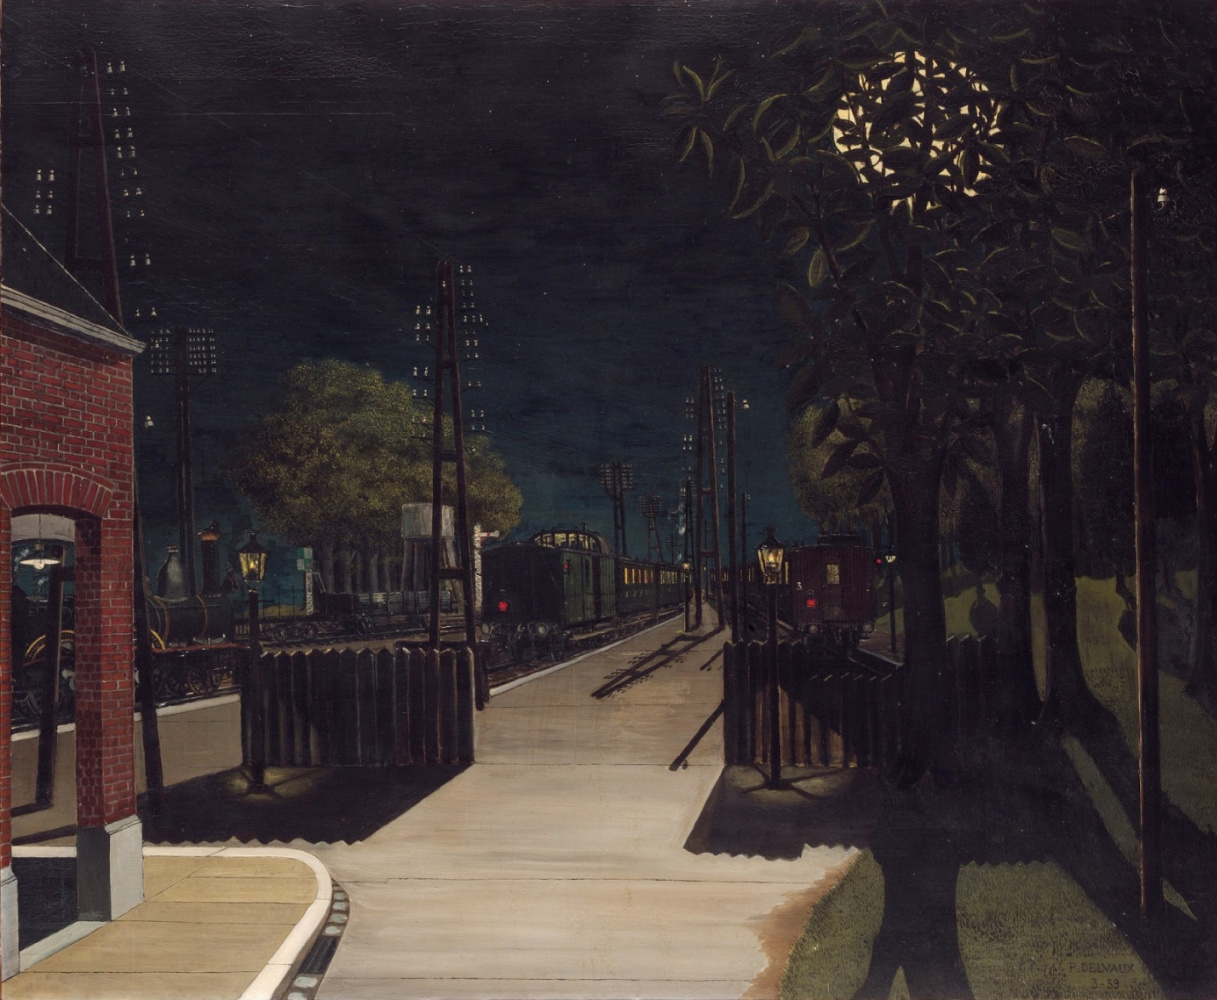 Paul Delvaux Belgium 1897-1994. Small train station at night. 1959 Metropolitan Museum, New York